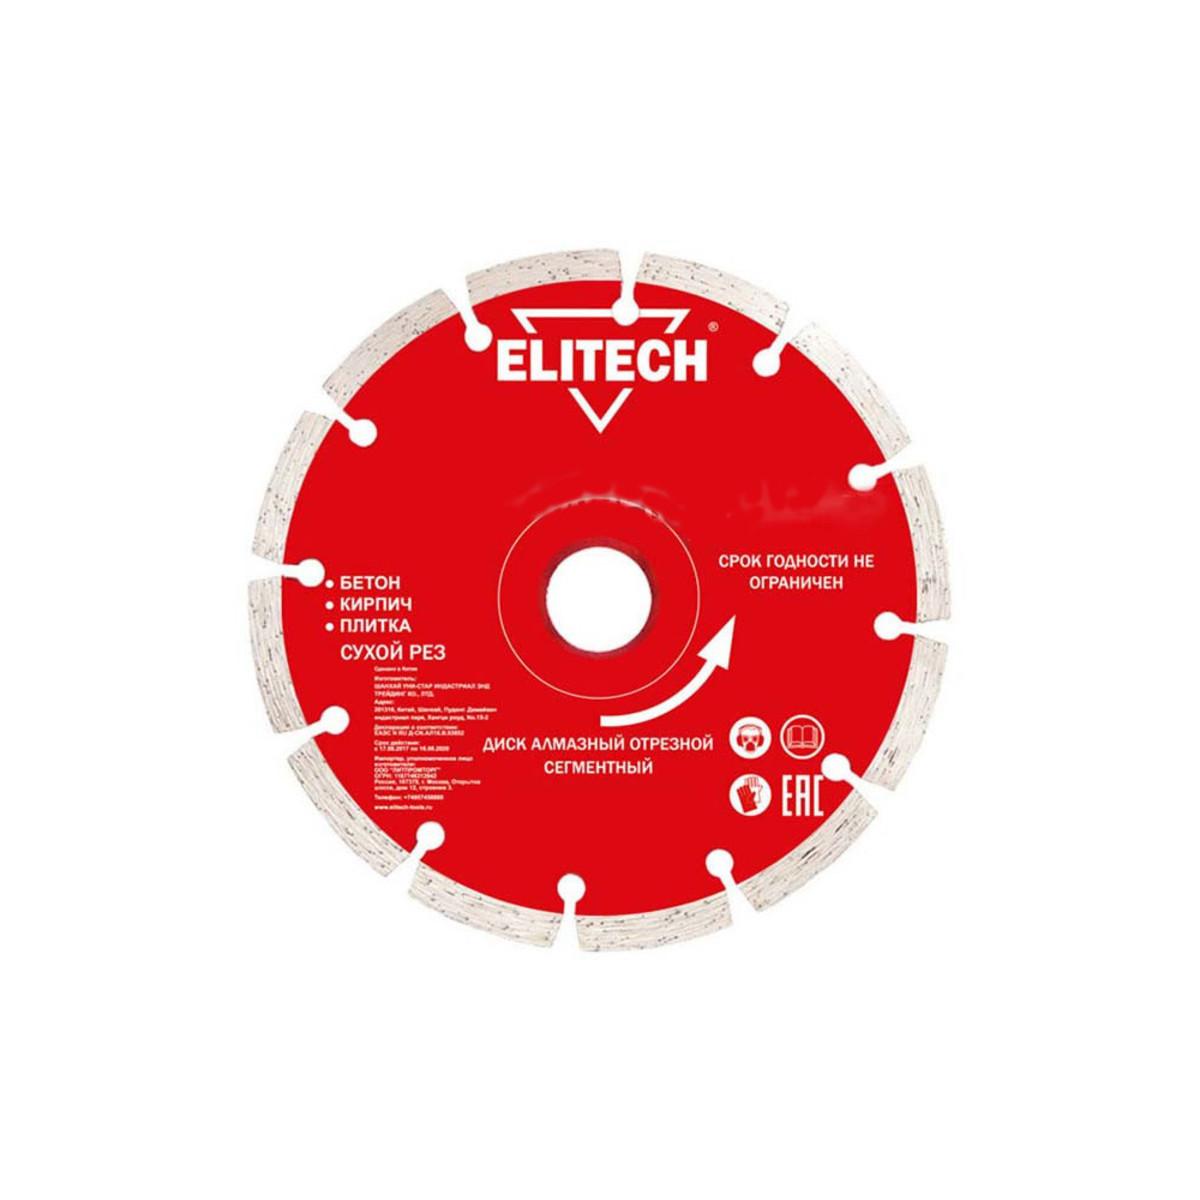 Диск Алмазный Elitech 125Х22Х20 18200579